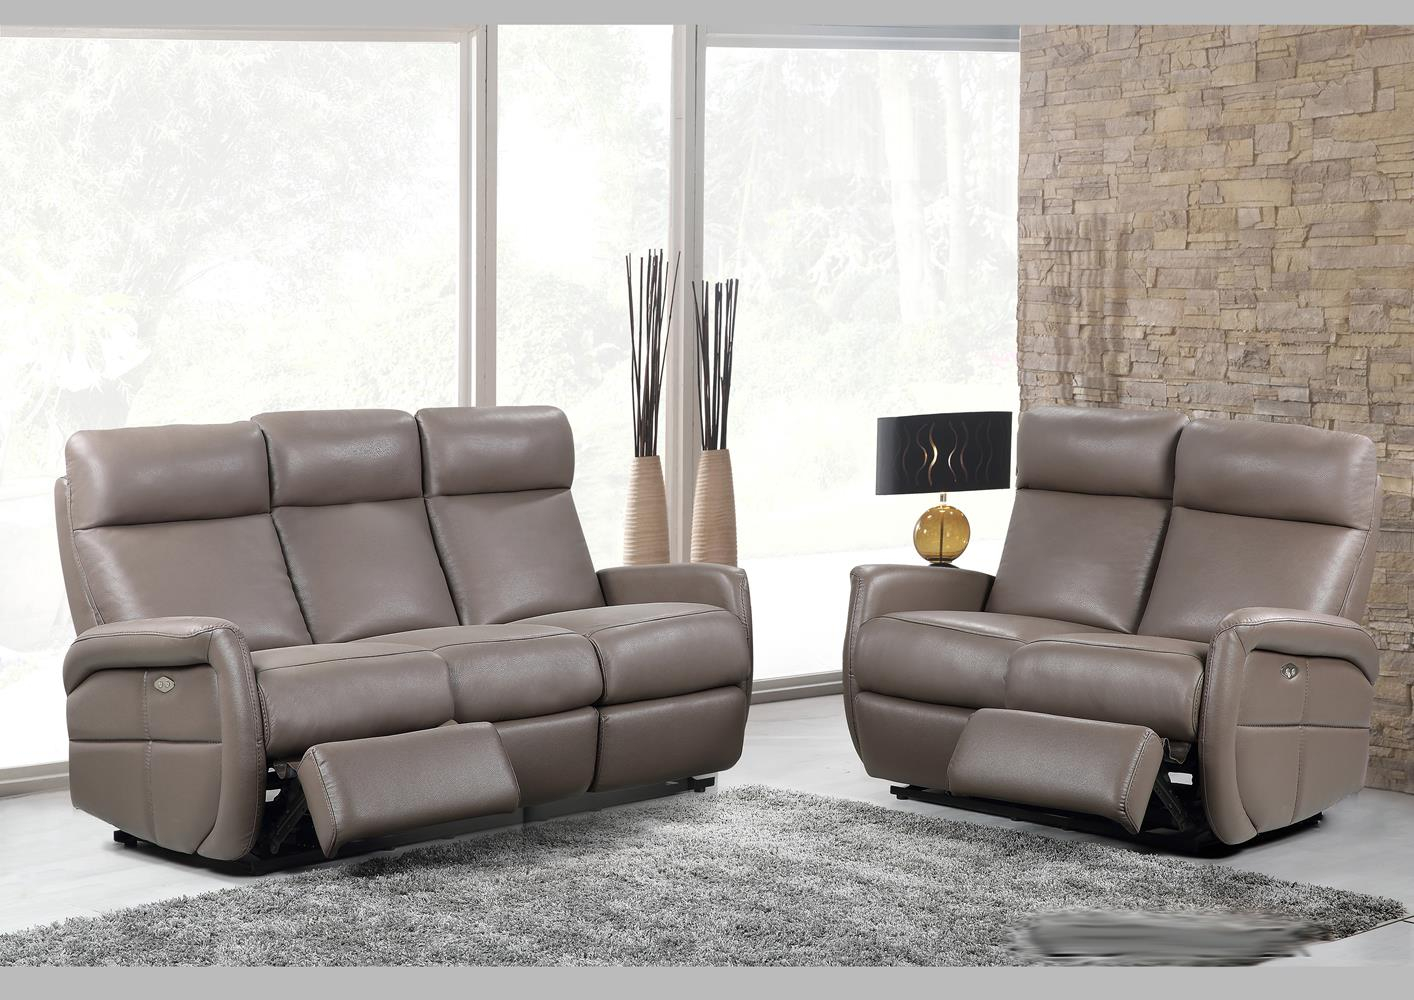 Magasin Canapé Cuir Acheter Votre Canapé 3 Places En Cuir Taupe Avec 2 Relax